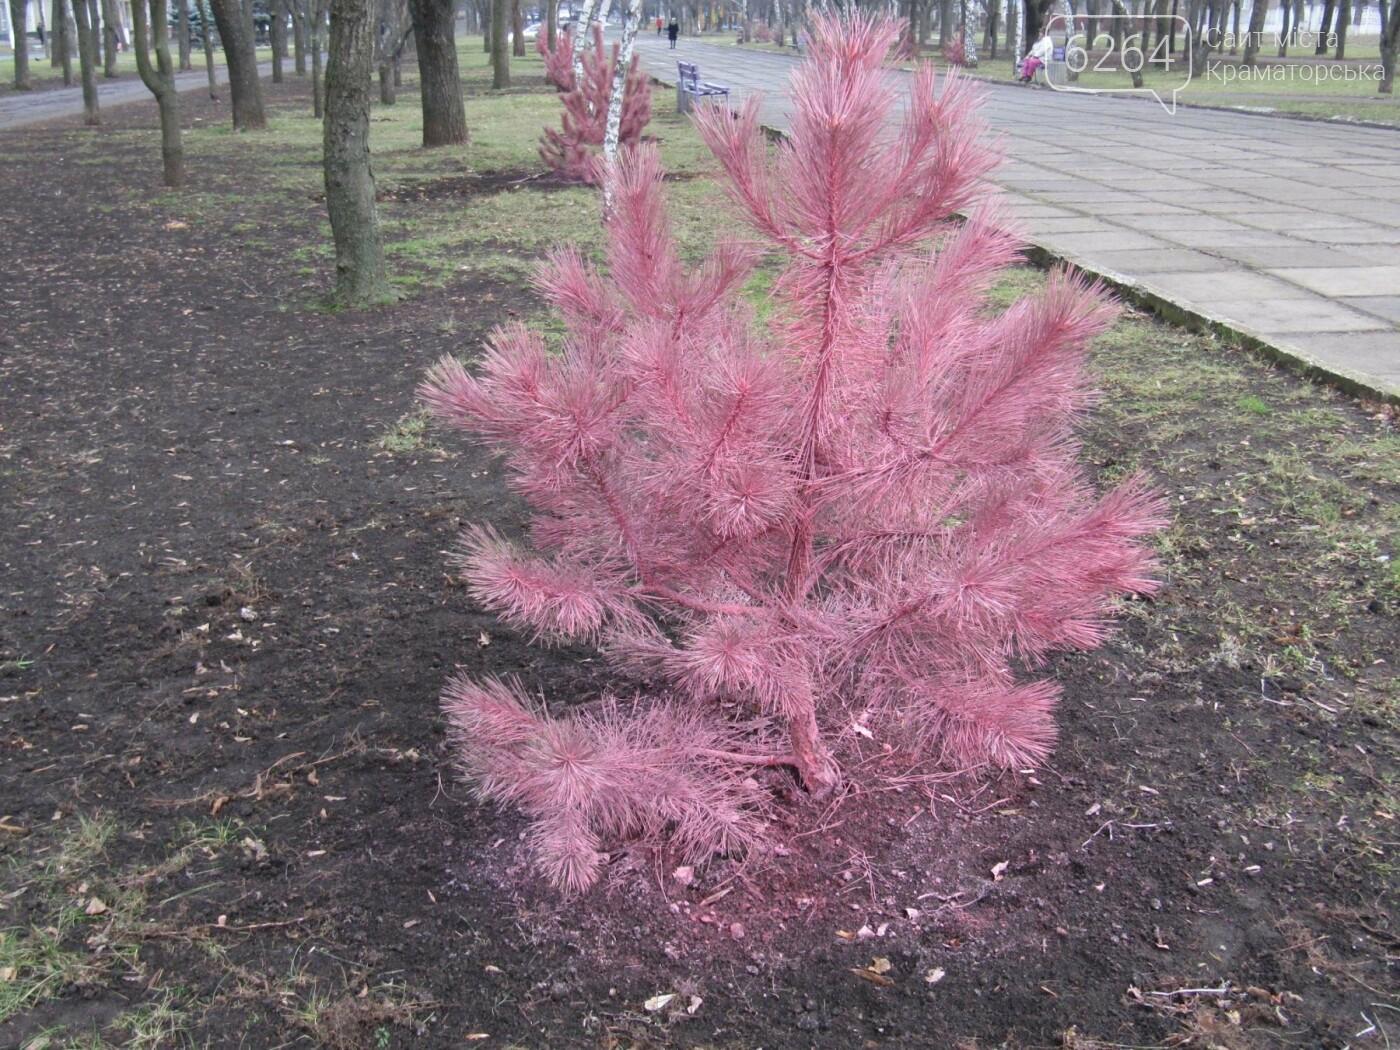 В Краматорске ели были зелеными, а стали – розовыми, фото-1